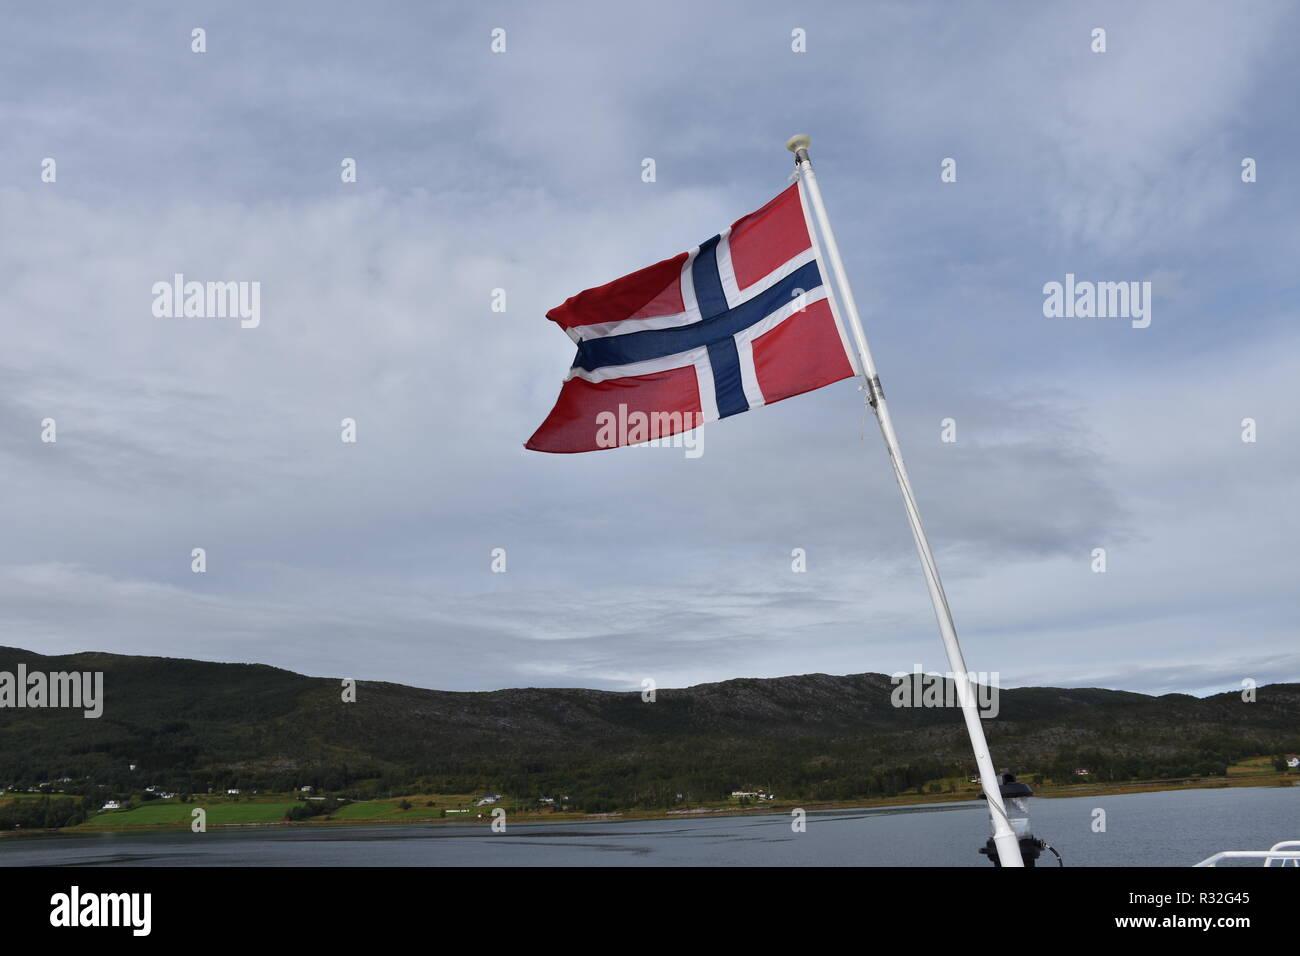 Fahne, Flagge, Norwegen, Symbol, Staatsfahne, Staat, wehen, Wind, Fahnenmast, Kreuz, Nation, Schifffahrt, Identität, Kennzeichen, Wolken, Sturm, Land - Stock Image